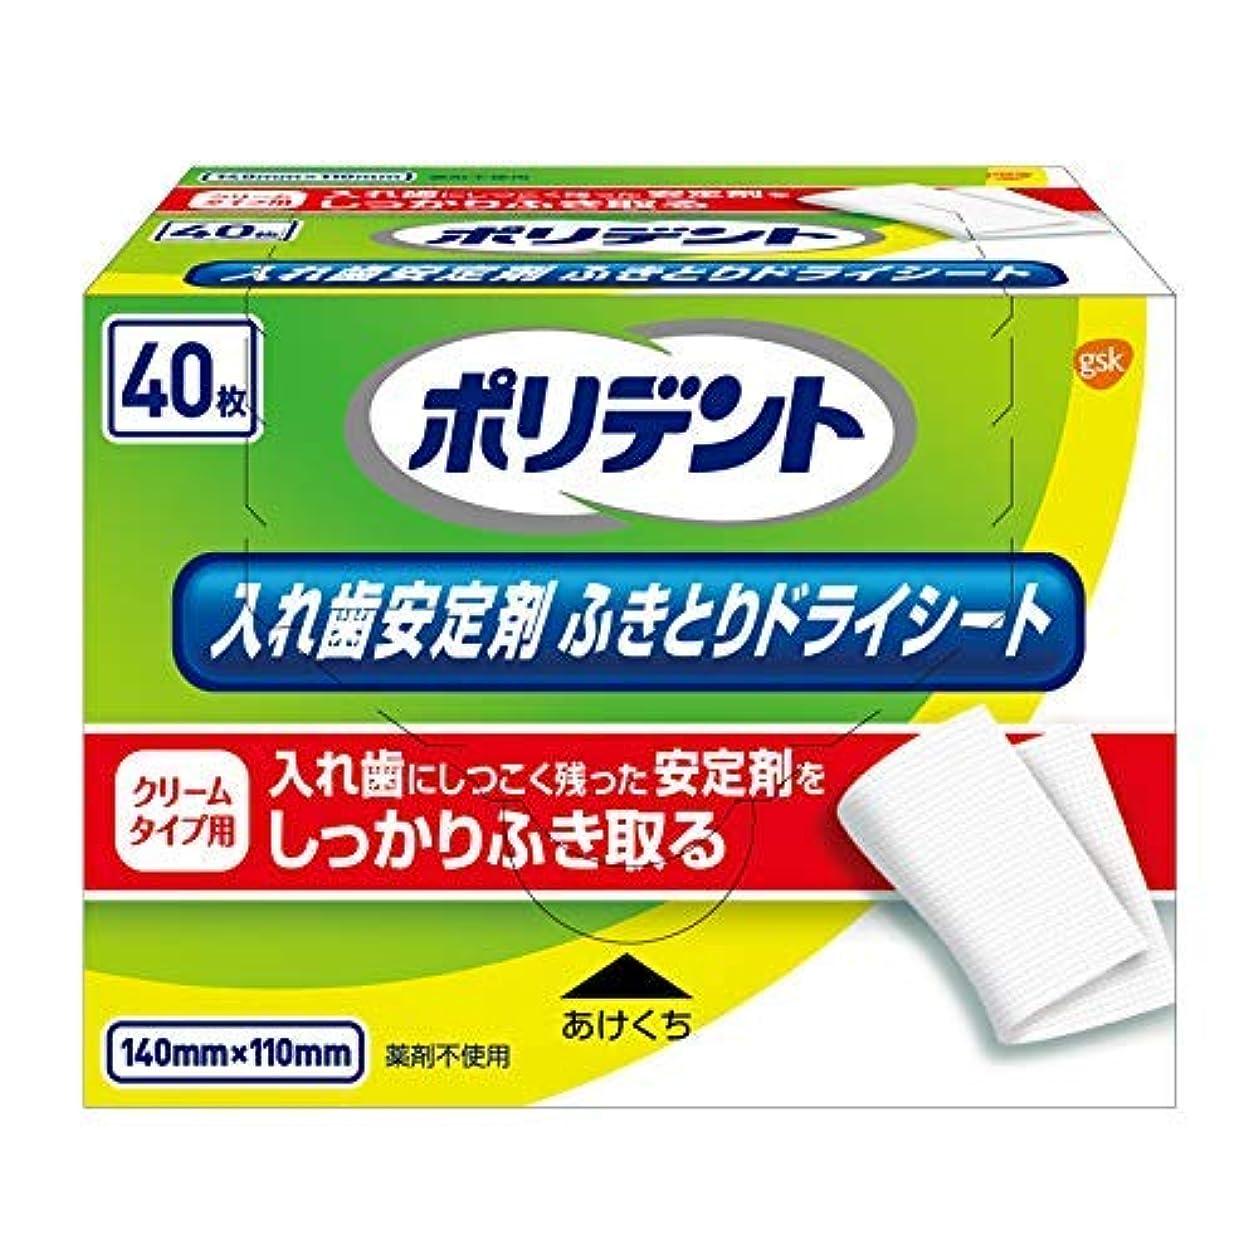 連邦デュアル器官グラクソスミスクライン ポリデント 入れ歯安定剤 ふきとり ドライシート 40枚入 × 5個セット